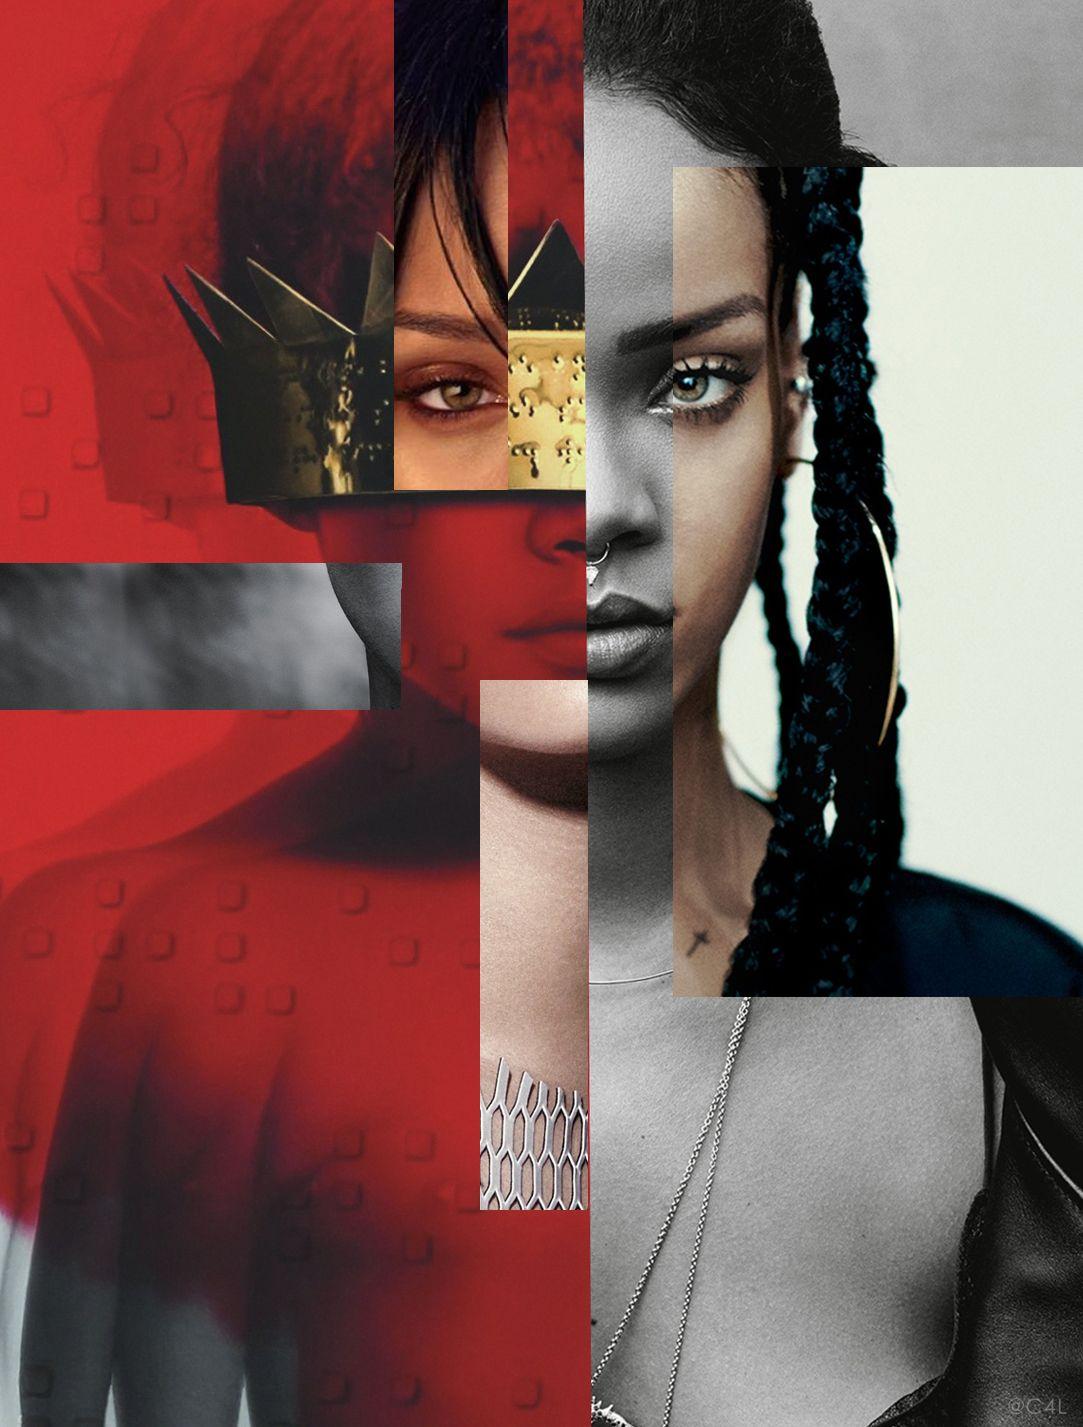 Rihanna, Rihanna riri, Rihanna